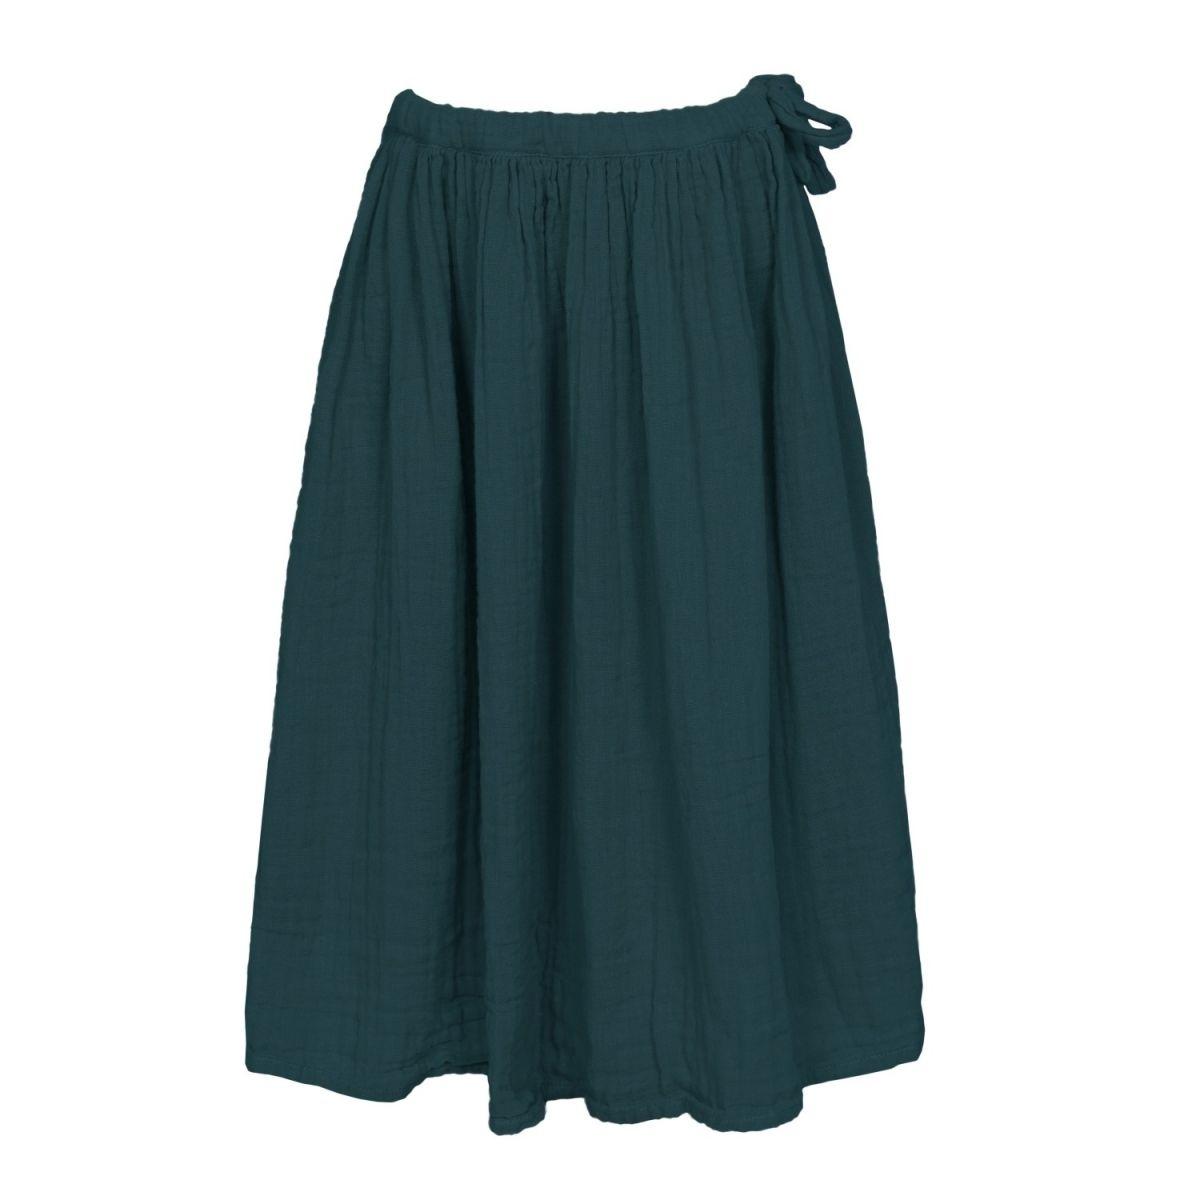 Spódnica dla dziewczynek Ava długa ciemna morska - Numero 74